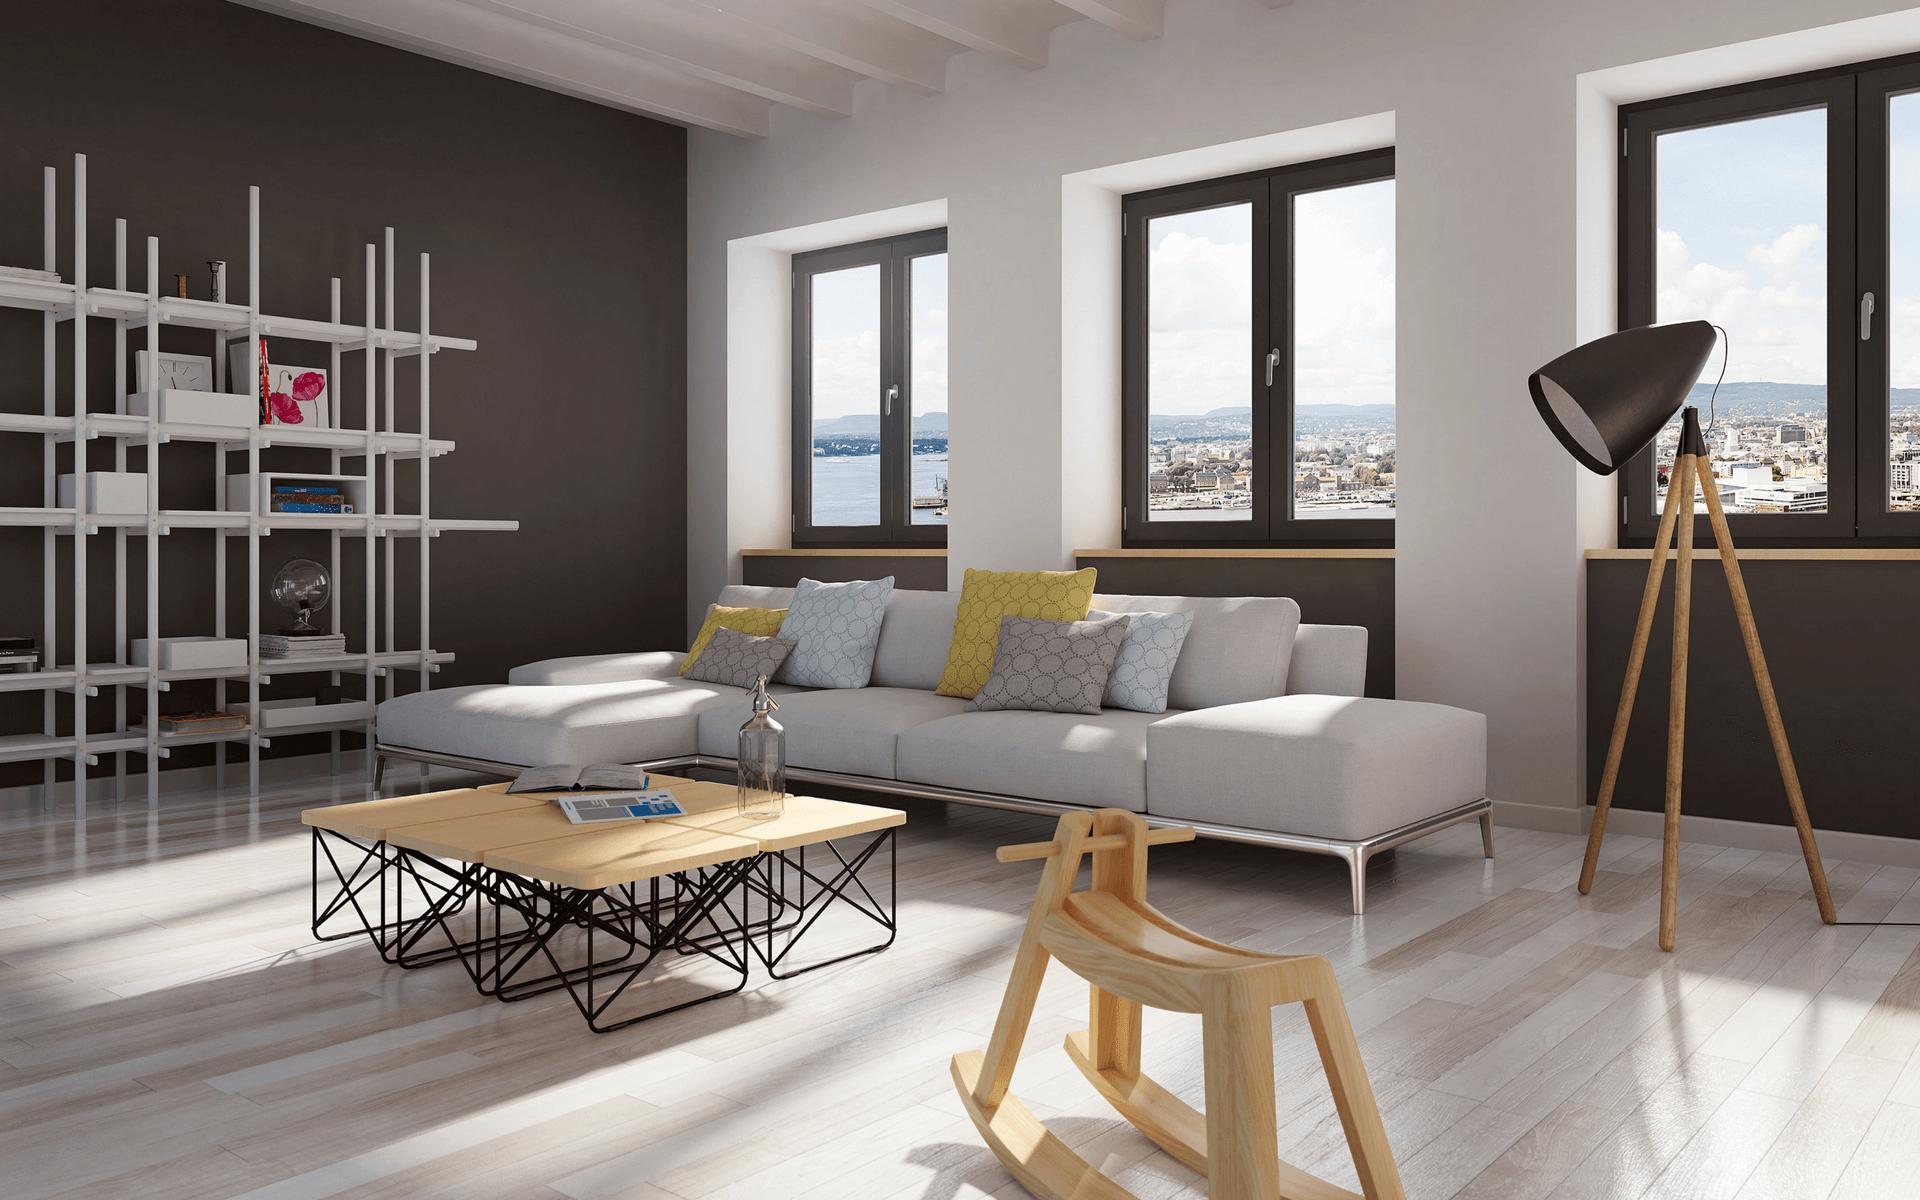 L'importanza di sostituire le vecchie finestre prima di dare in affitto una casa